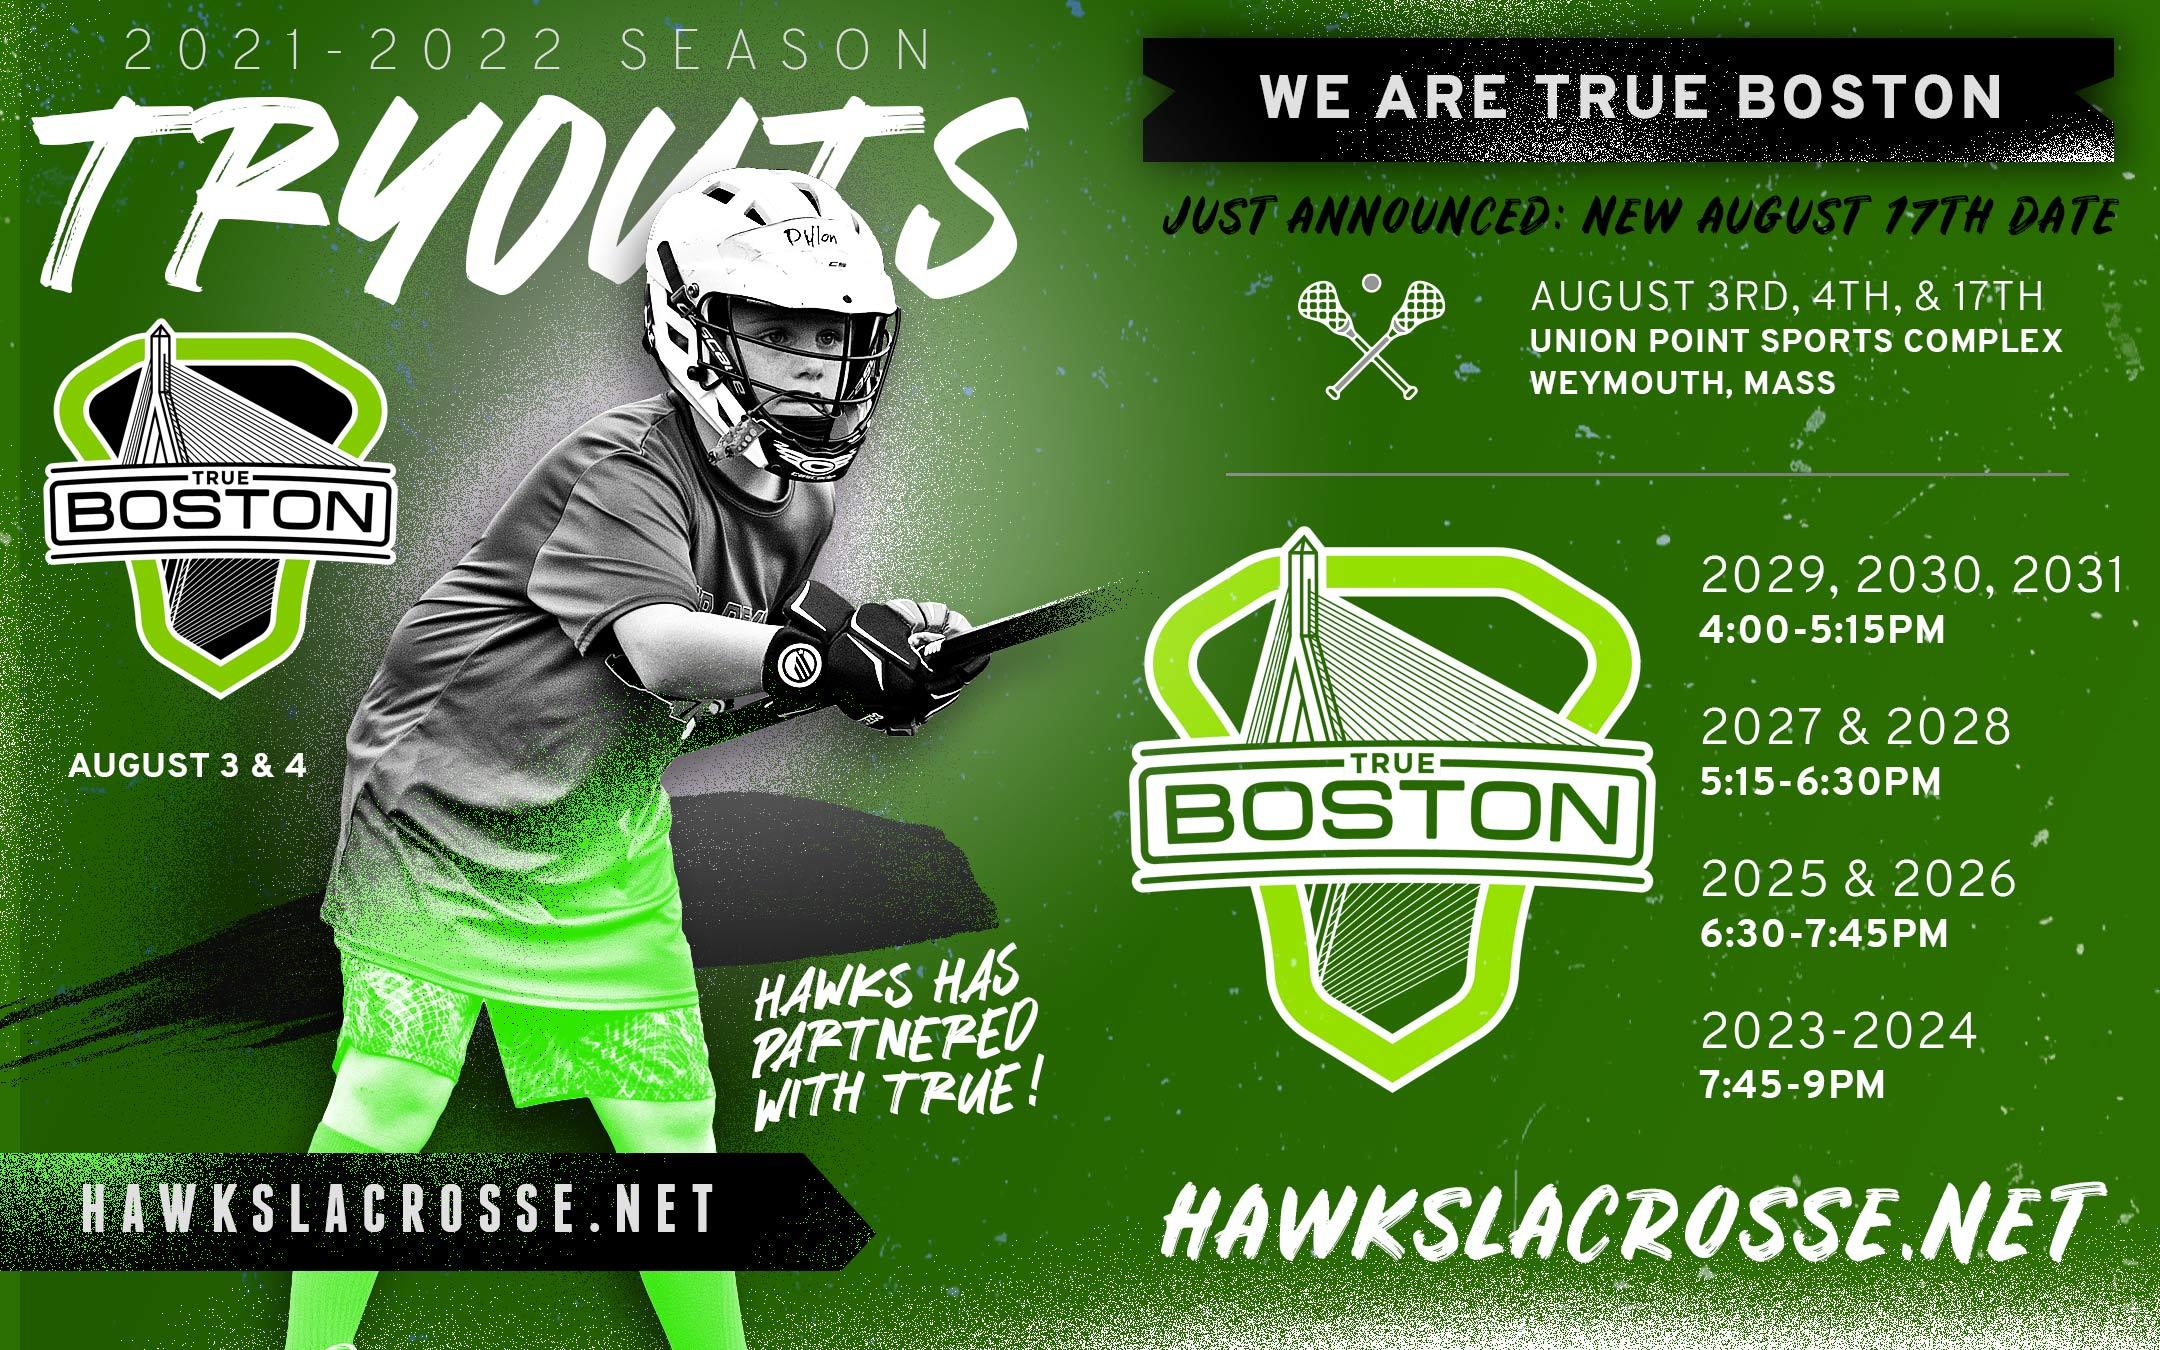 True-Boston-2021-Tryouts